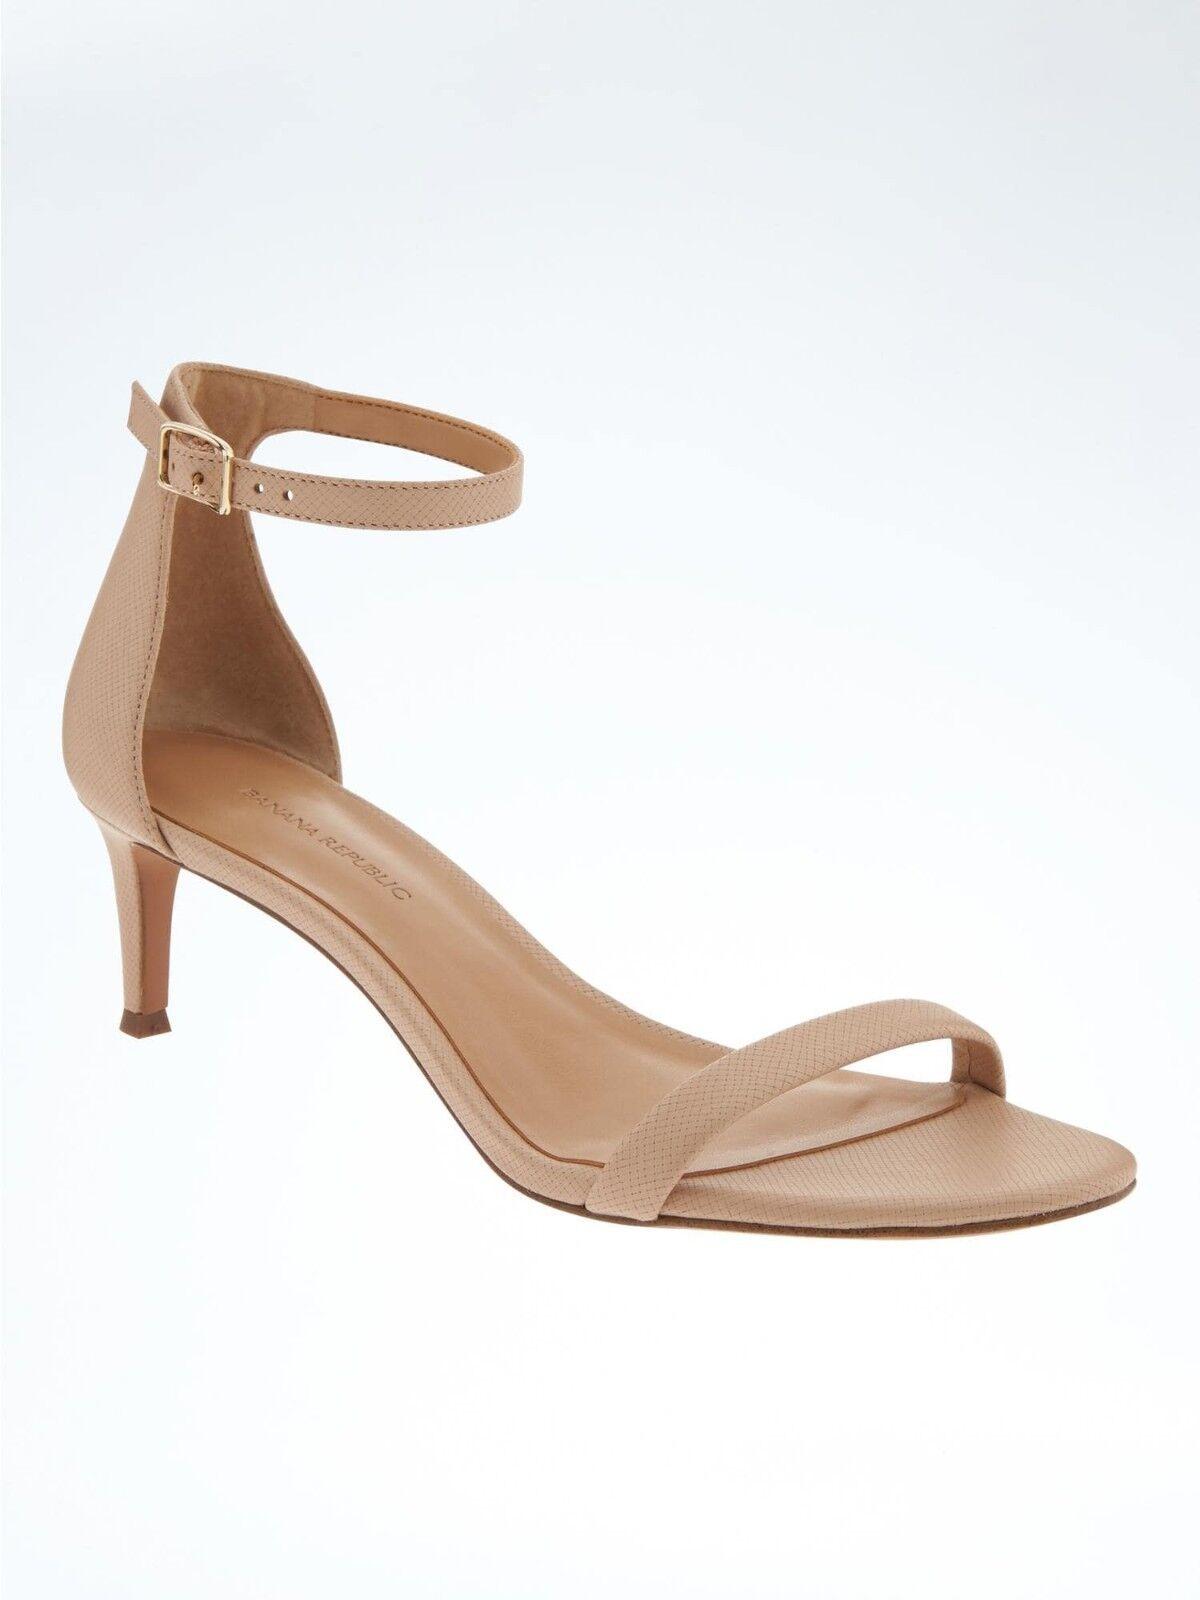 Banana Republic Bare Kitten Heel Sandale, Beige Leder SIZE 5 M   #590158 E85